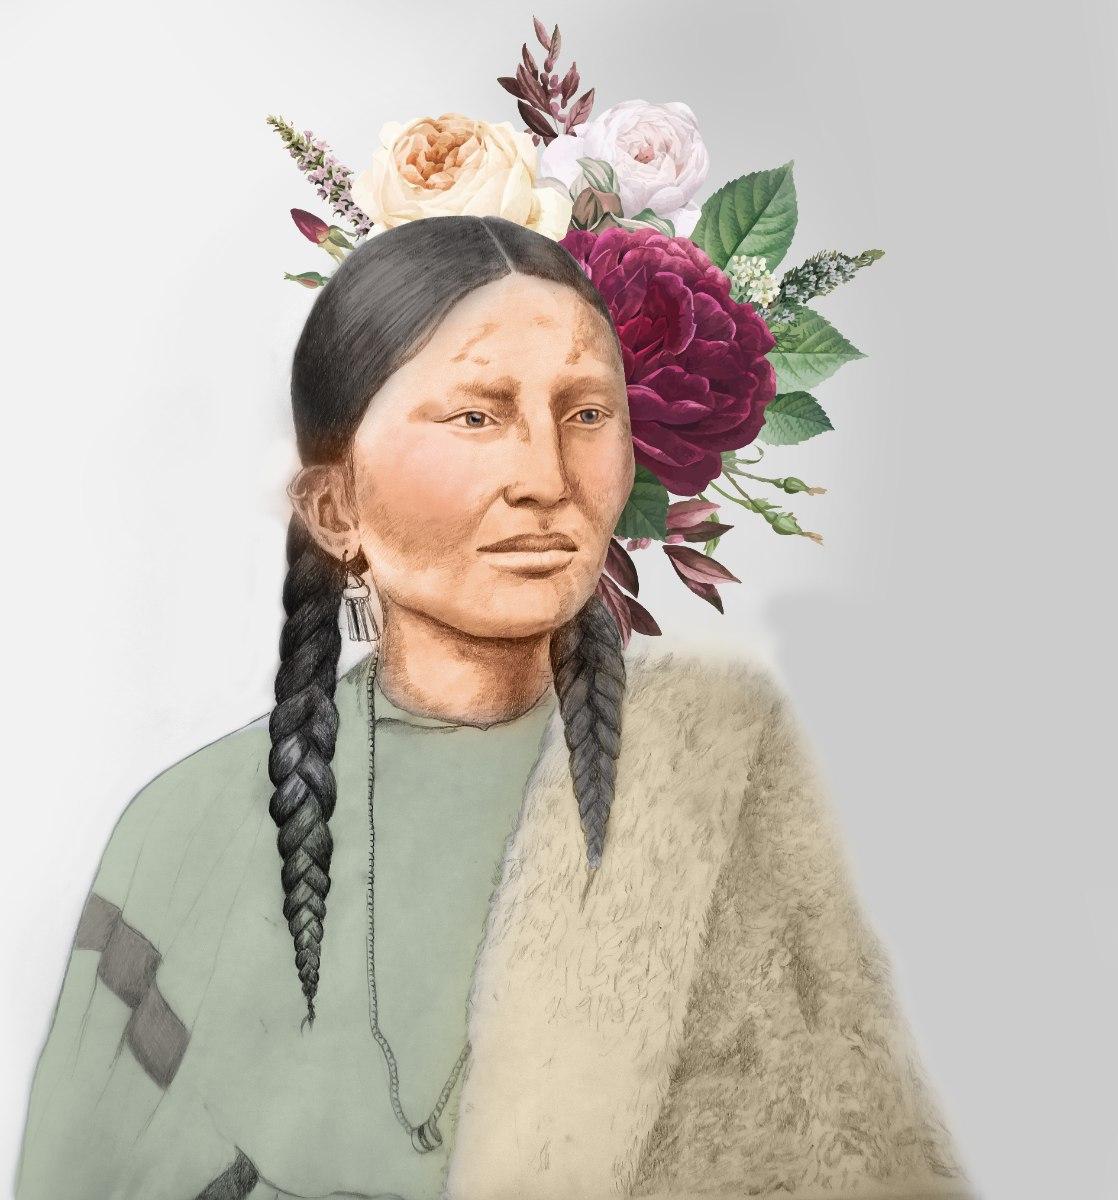 הלוחמת האינדיאנית פרטינוז-הדפס קנבס